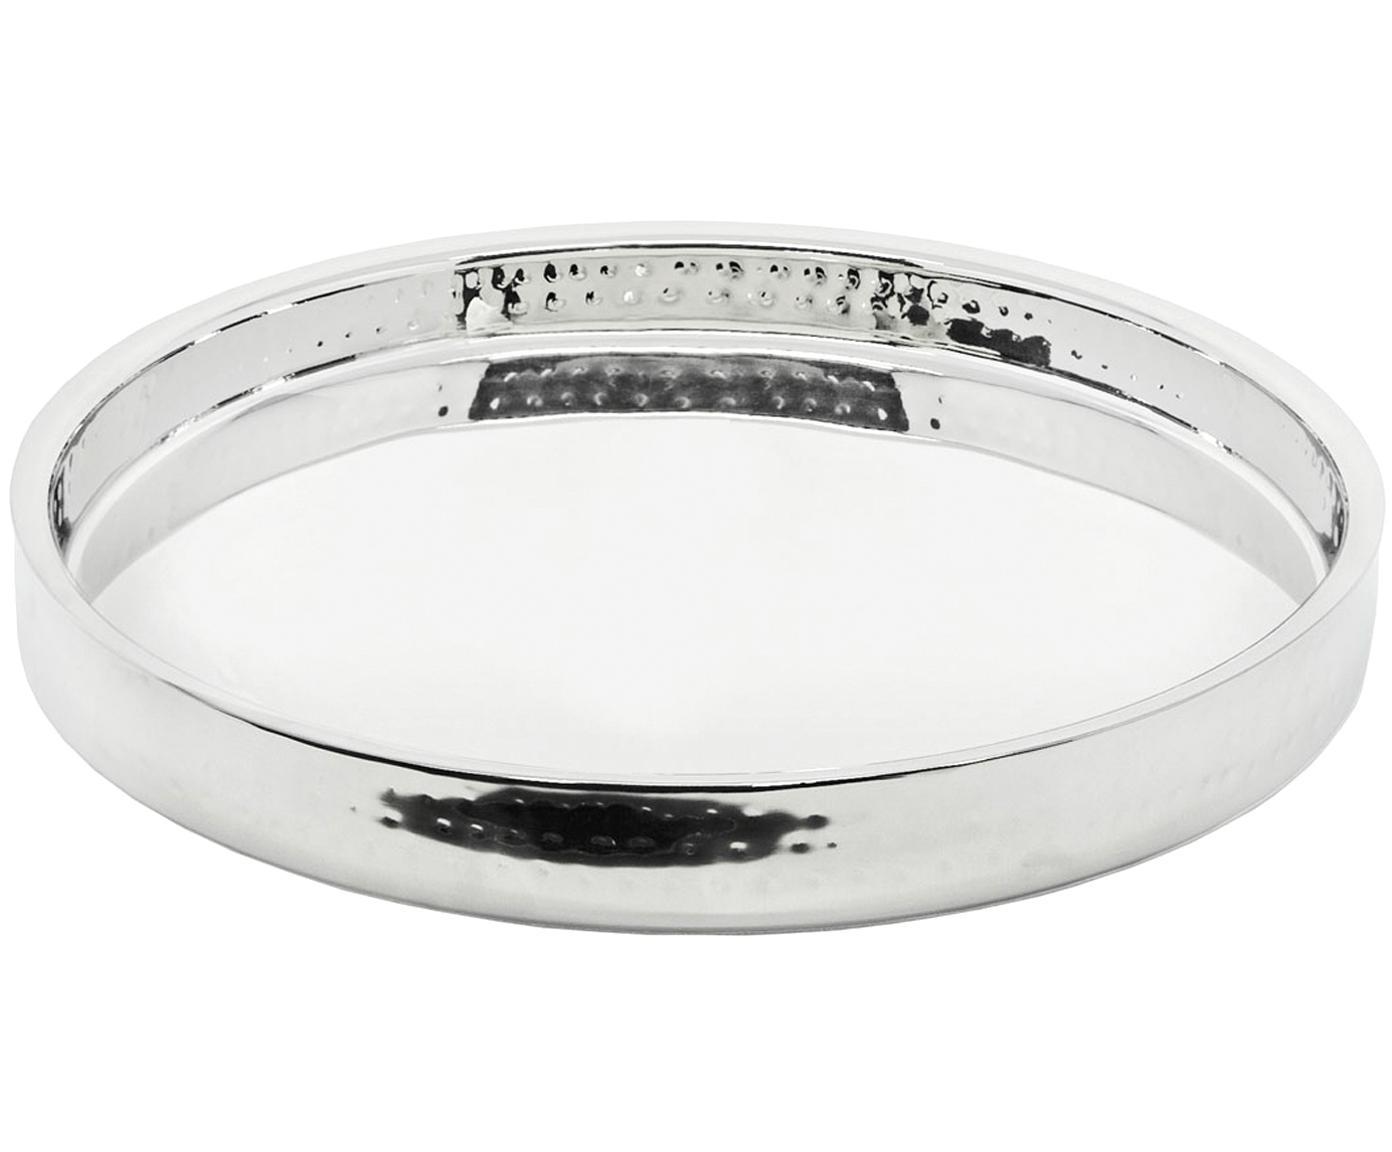 Vassoio specchio rotondo Alaska, Acciaio inossidabile, martellato Istruzioni per la cura sciacquare a mano, Accaio inossidabile, Ø 32 cm